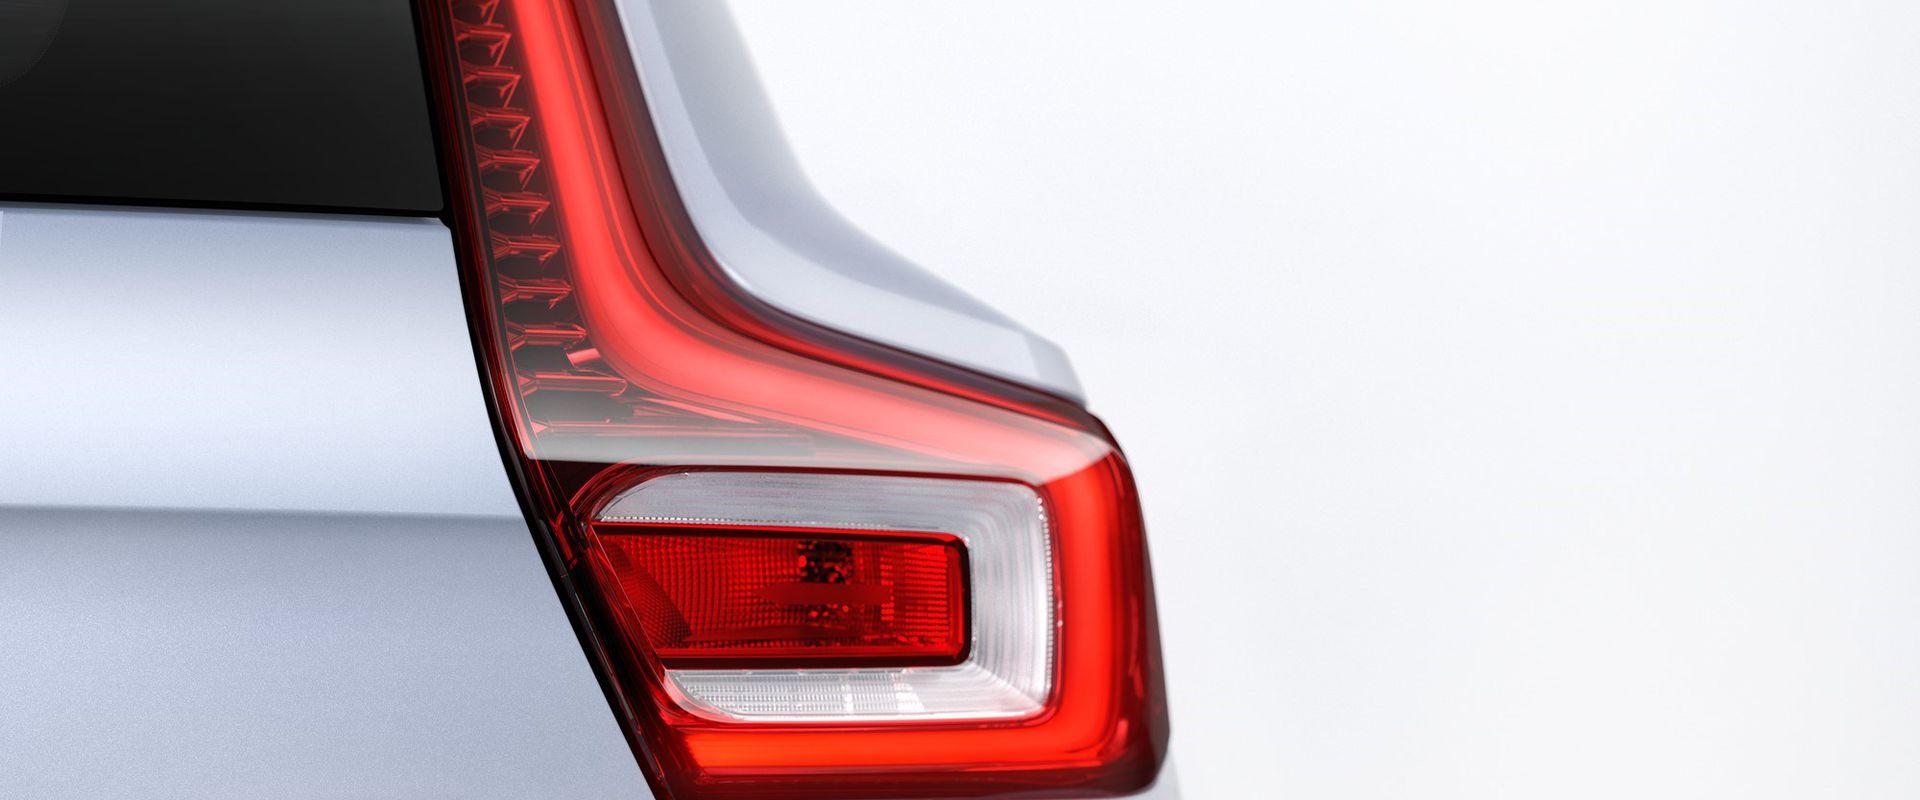 Minden tisztán elektromos Volvo modell Recharge abroncsokkal kerül forgalomba